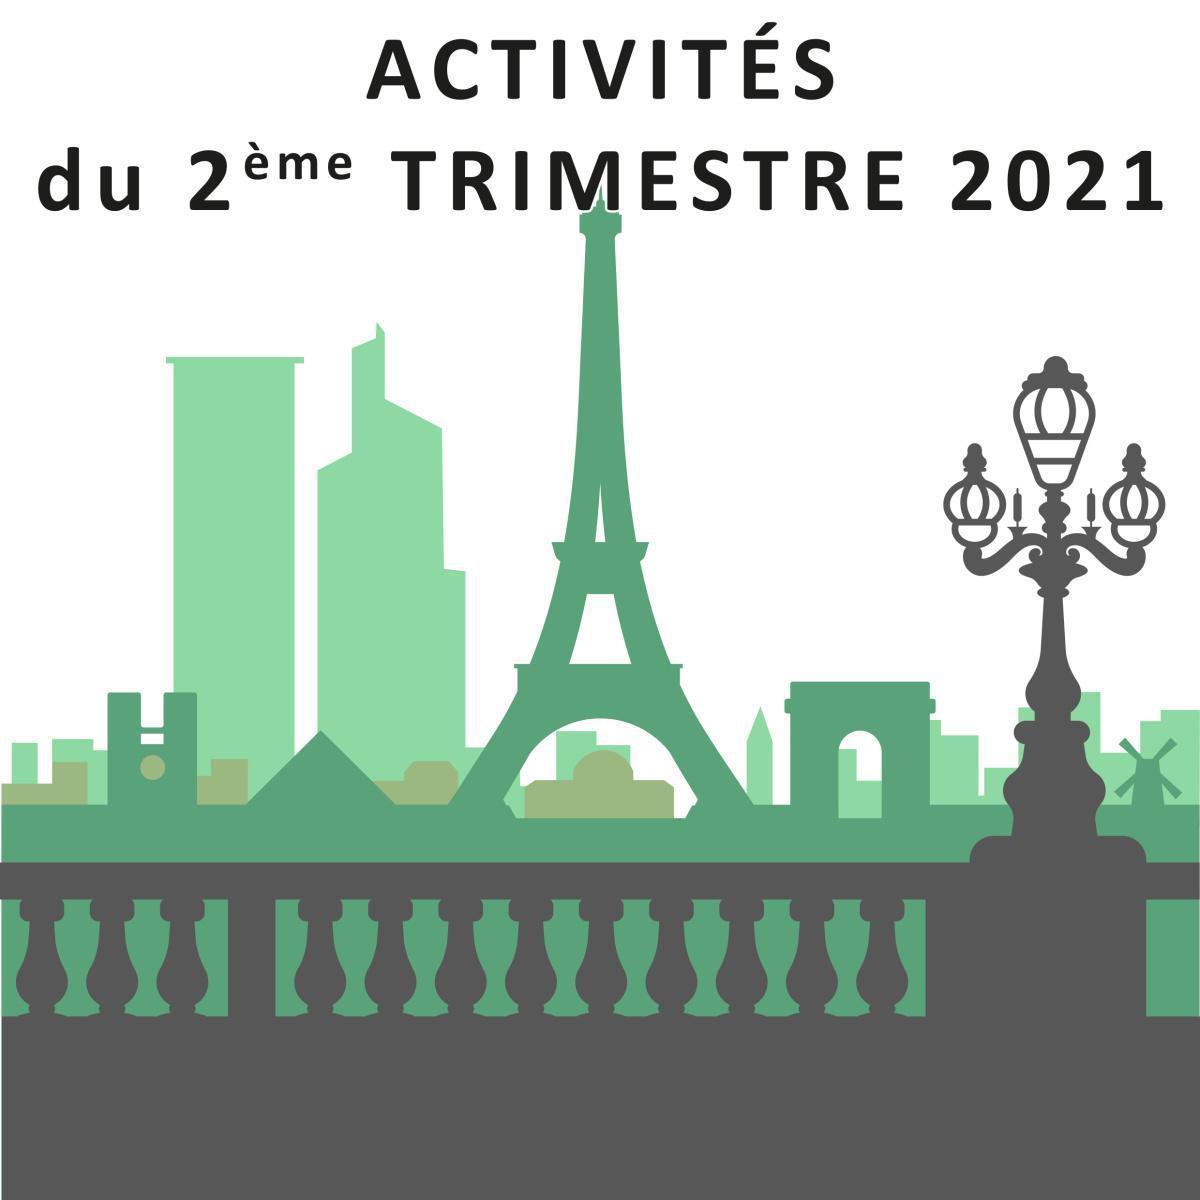 Activités inactifs du 2ème trimestre 2021